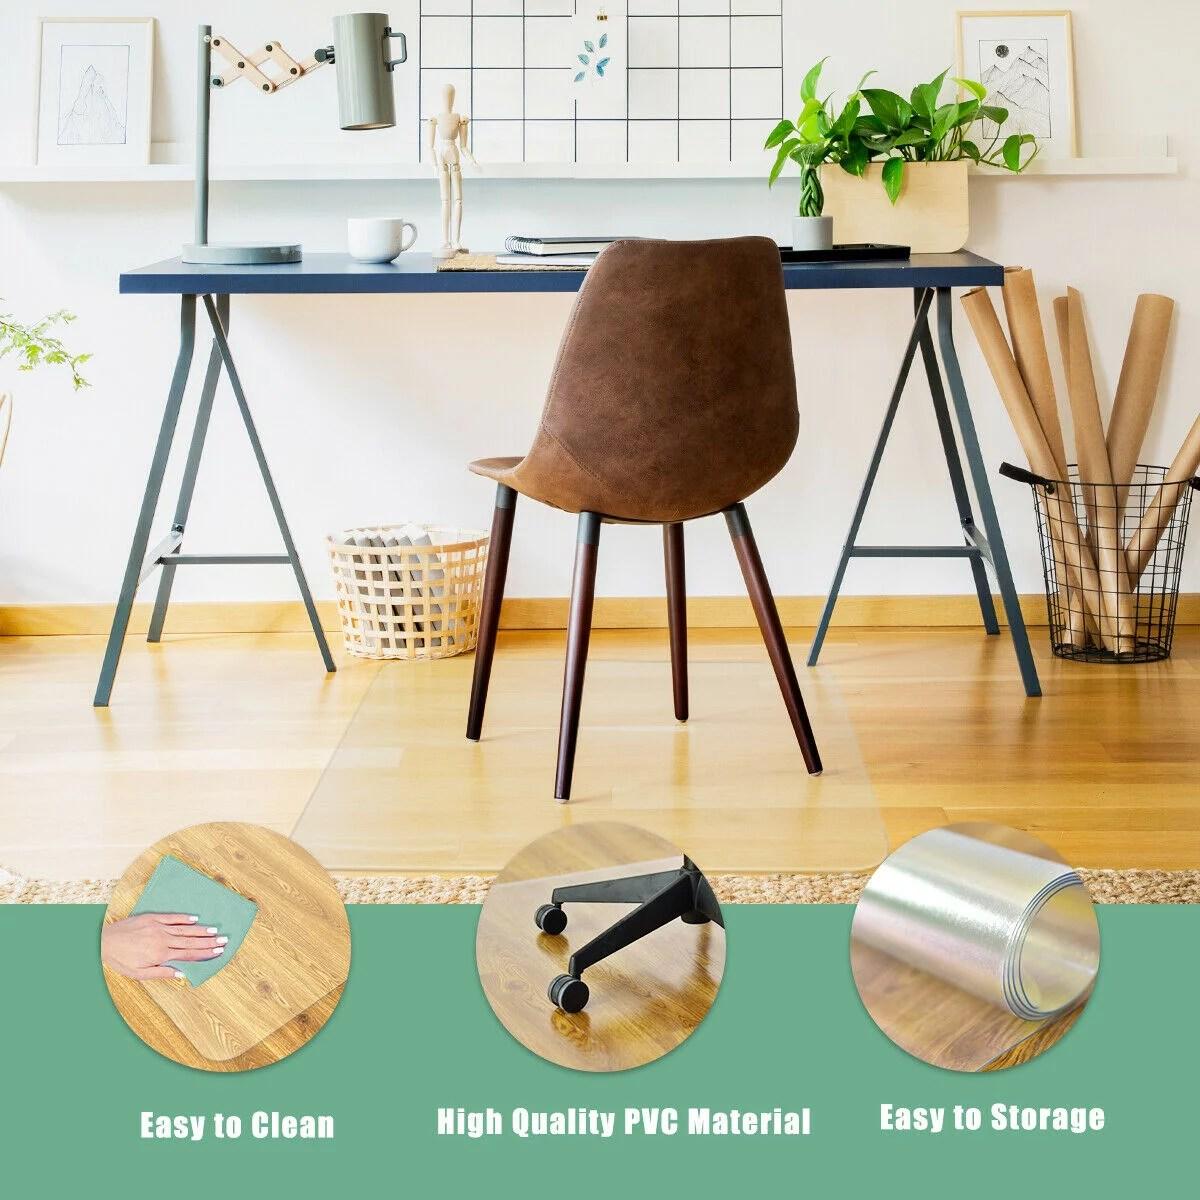 costway tapis protege sol transparent et antiderapant en pvc pour les chaises a roulettes rectangulaire 150x120cm